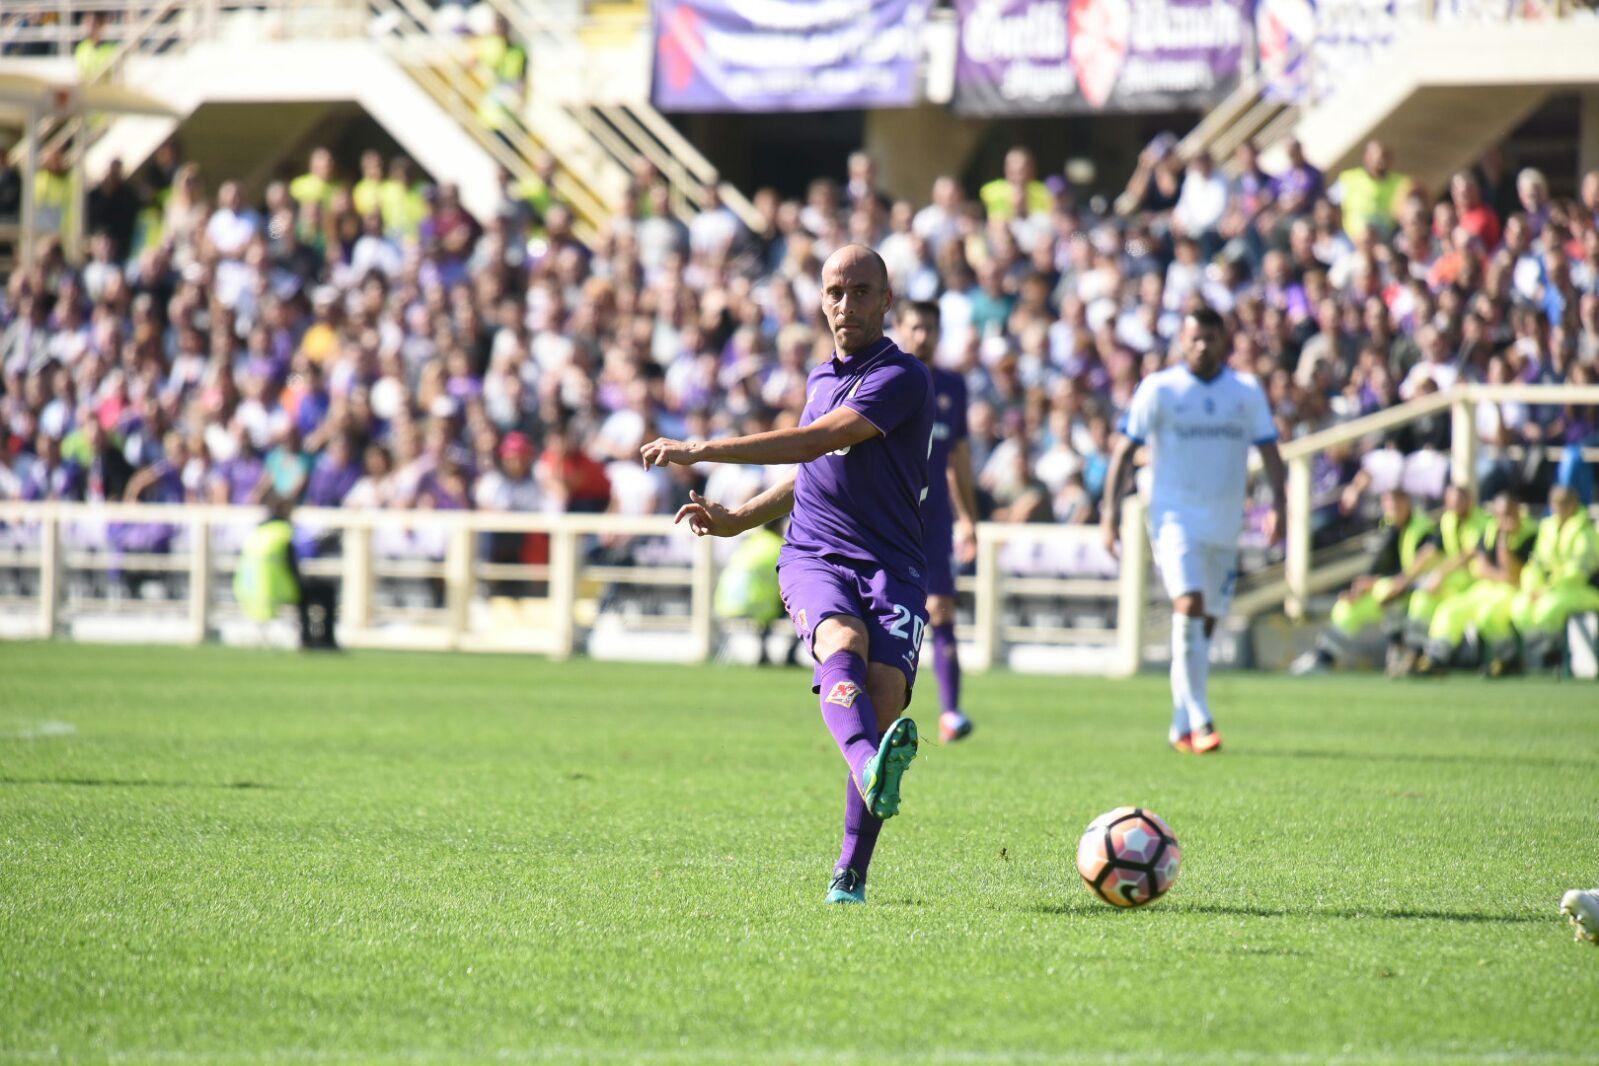 La porta rimane inviolata, l'attacco decide di non segnare (ancora). La Fiorentina si ritrova nel baratro. Le considerazioni di Fiorentina-Atalanta